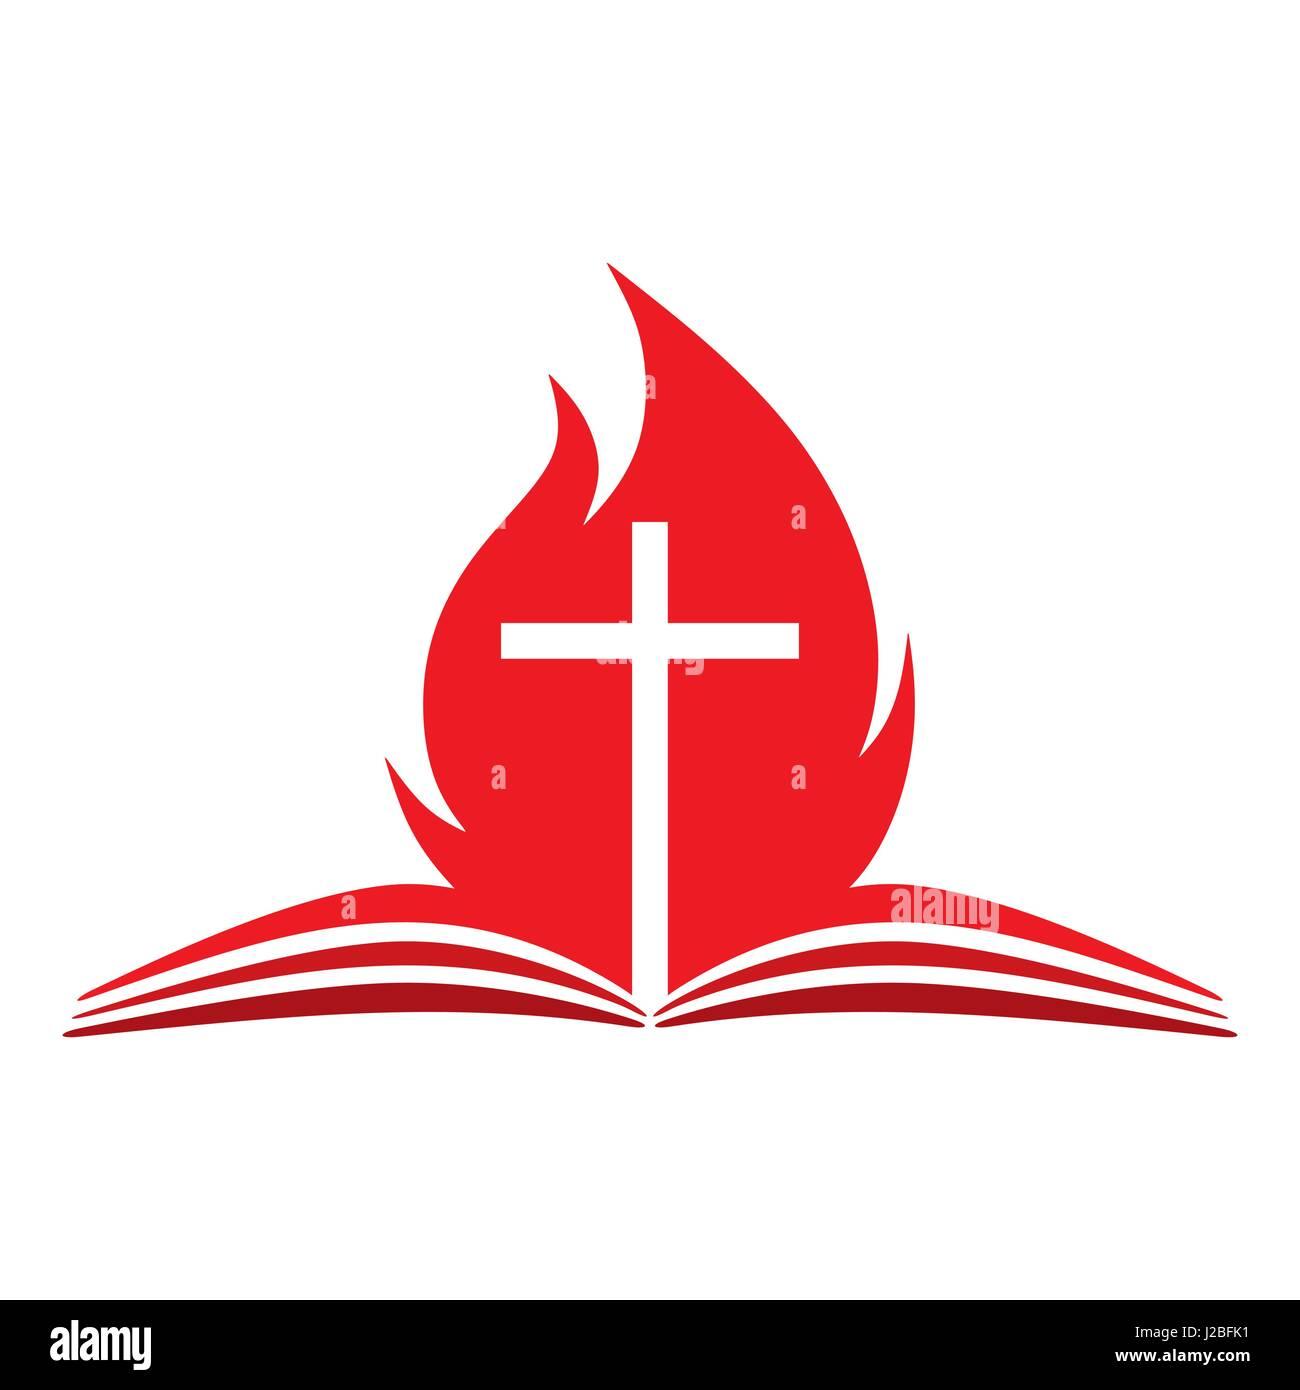 church logo open bible cross and fire stock vector art